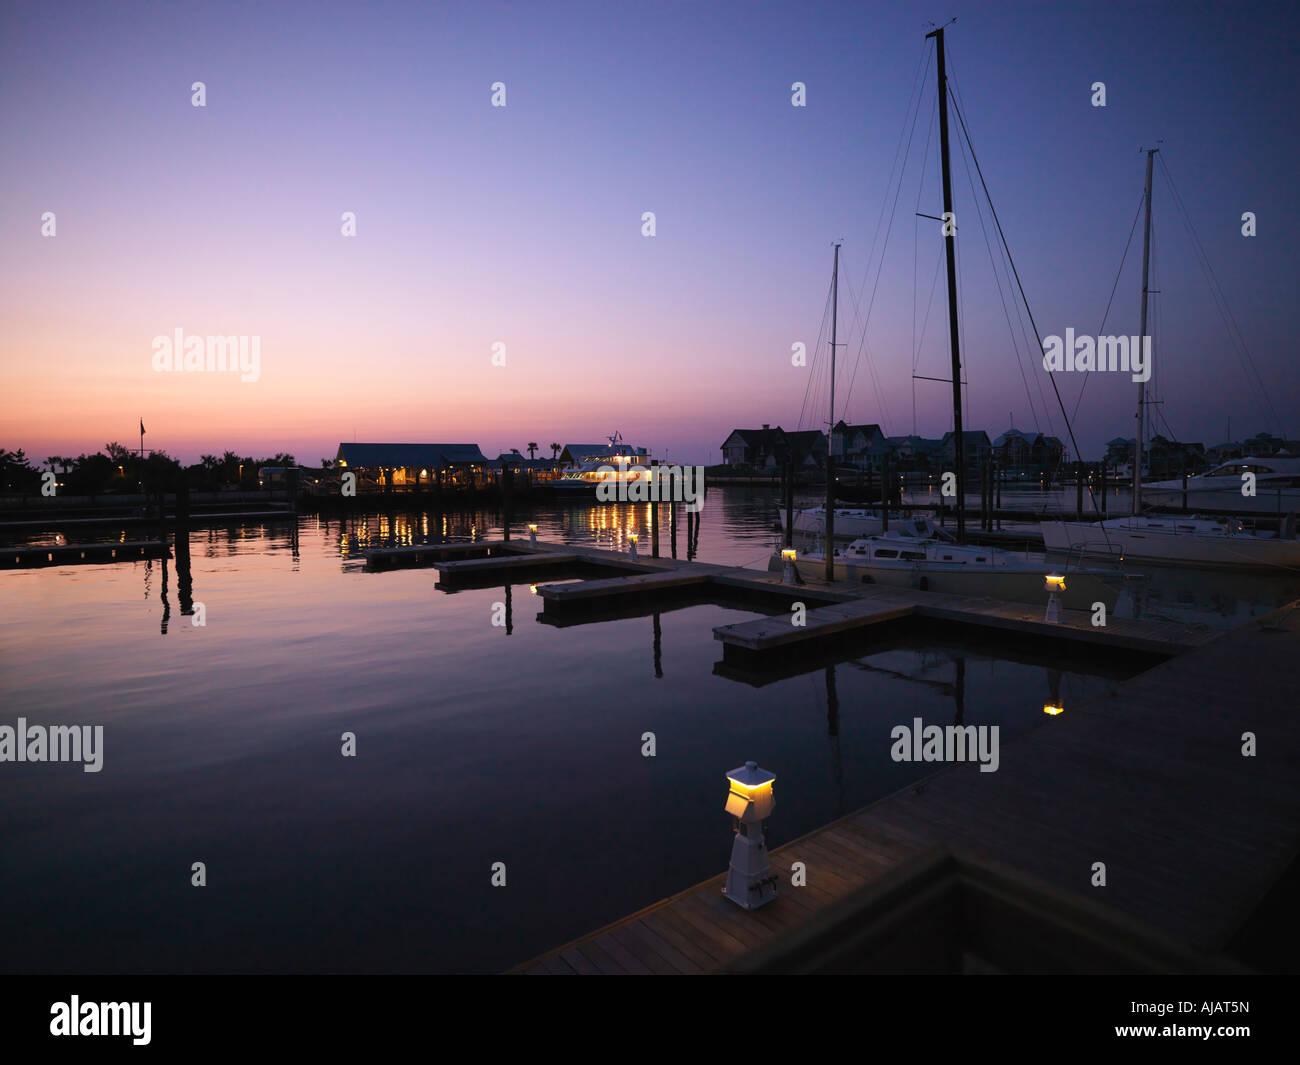 Ferry boat and sail boats at marina at dusk at Bald Head Island North Carolina - Stock Image